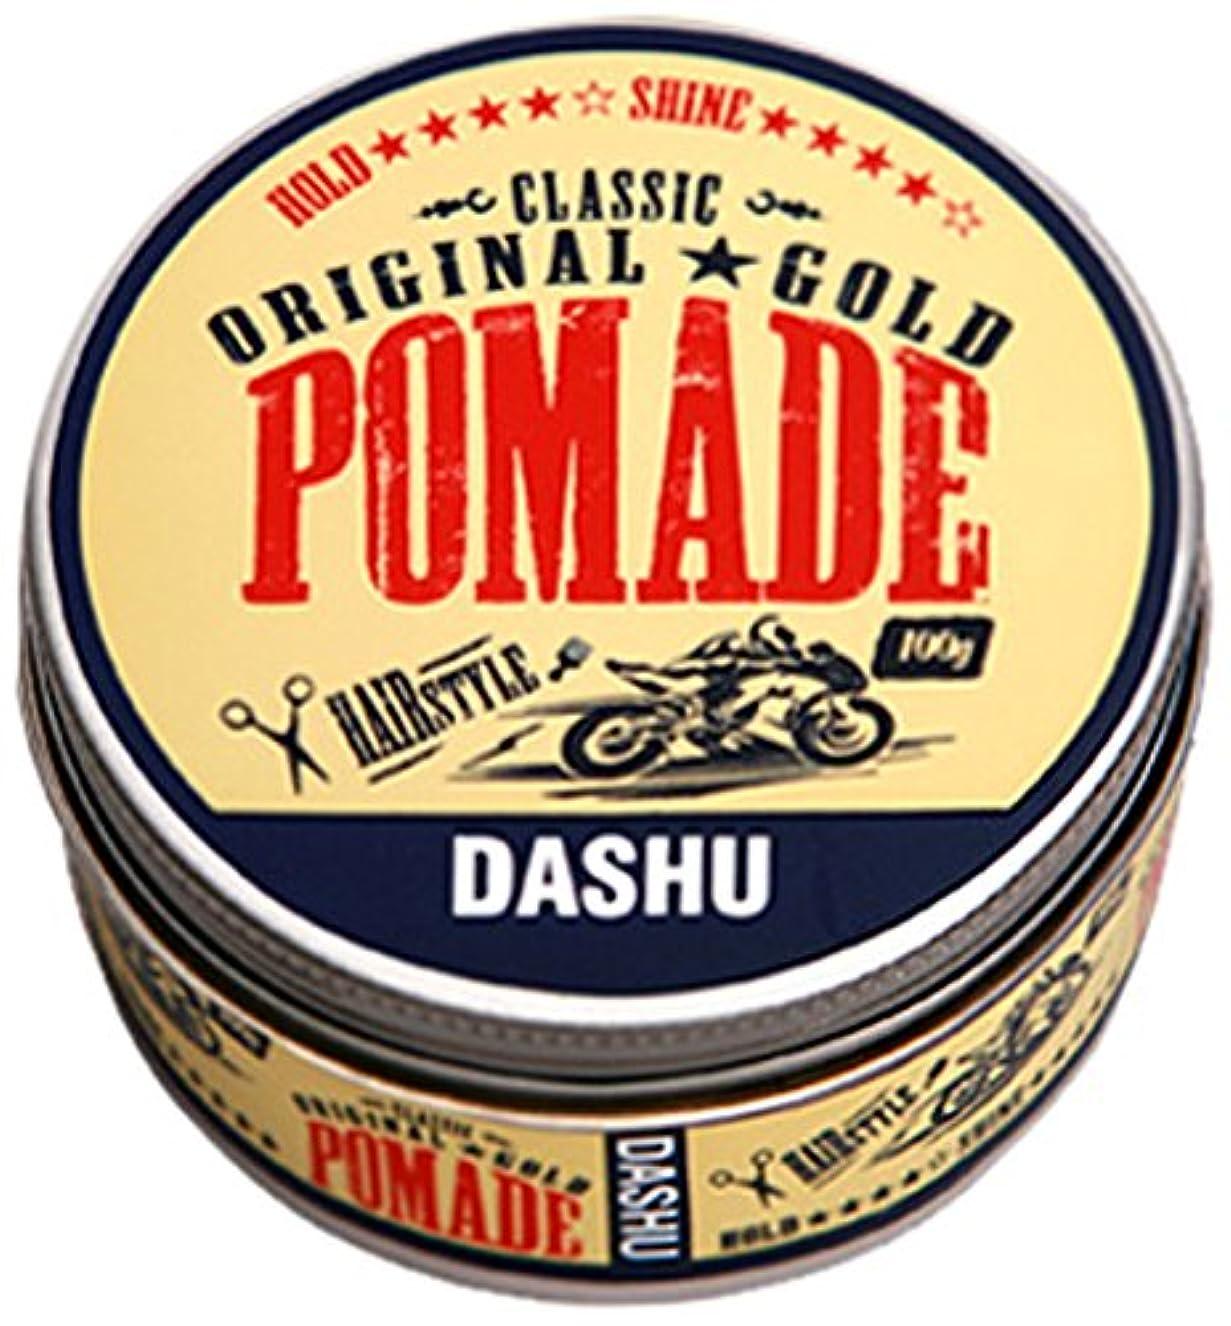 クルーズ悪意事務所[DASHU] ダシュ クラシックオリジナルゴールドポマードヘアワックス Classic Original Gold Pomade Hair Wax 100ml / 韓国製 . 韓国直送品